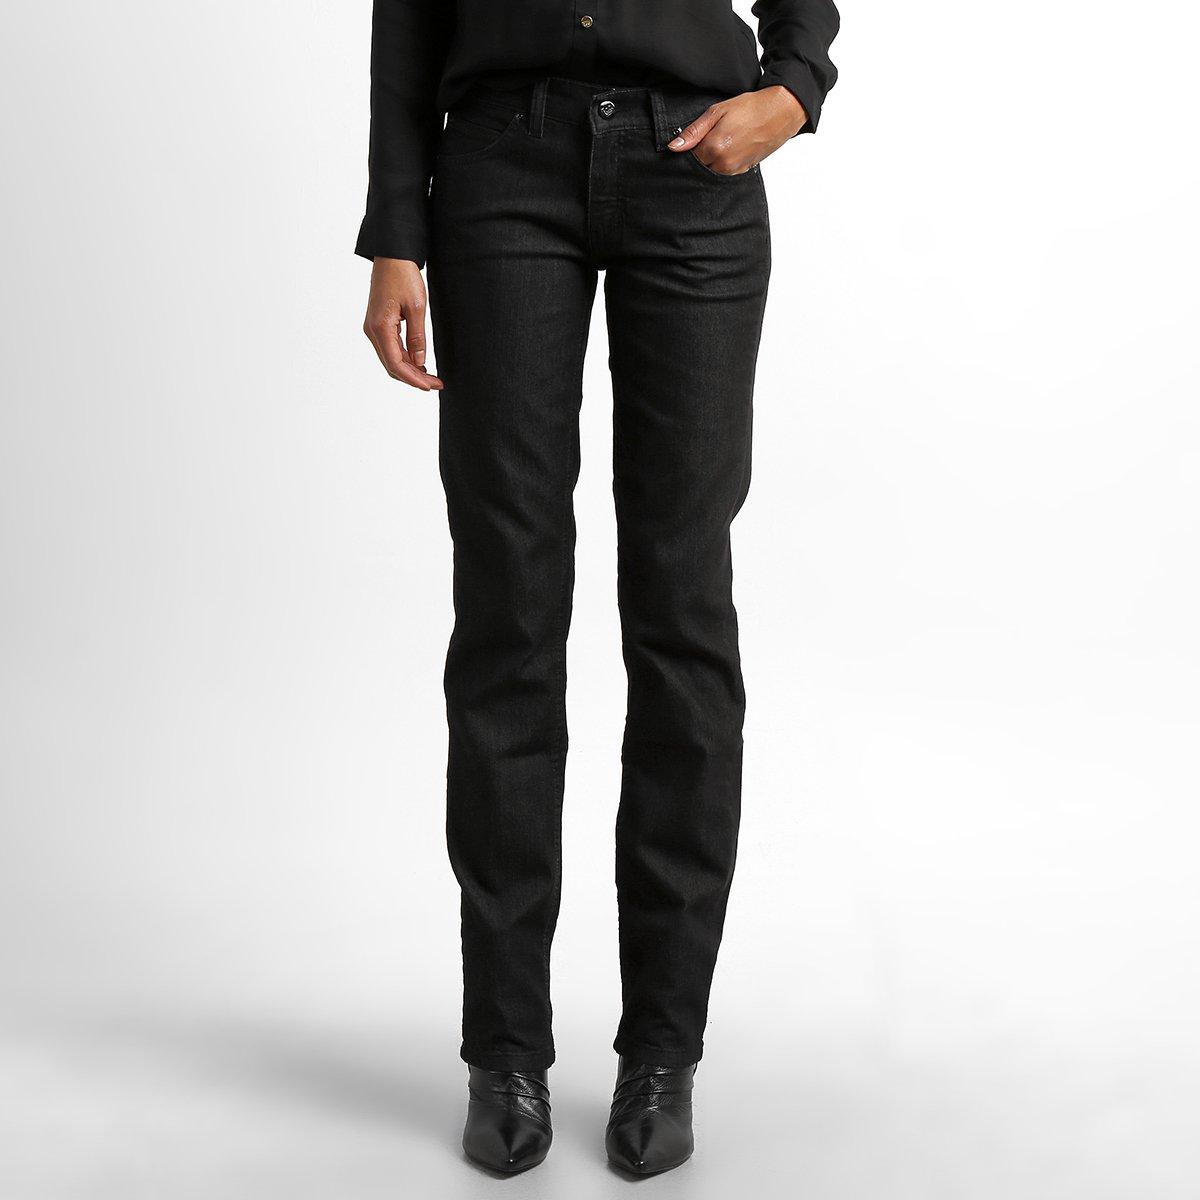 5f3445a5a Calça Jeans Lee Cameron - Compre Agora